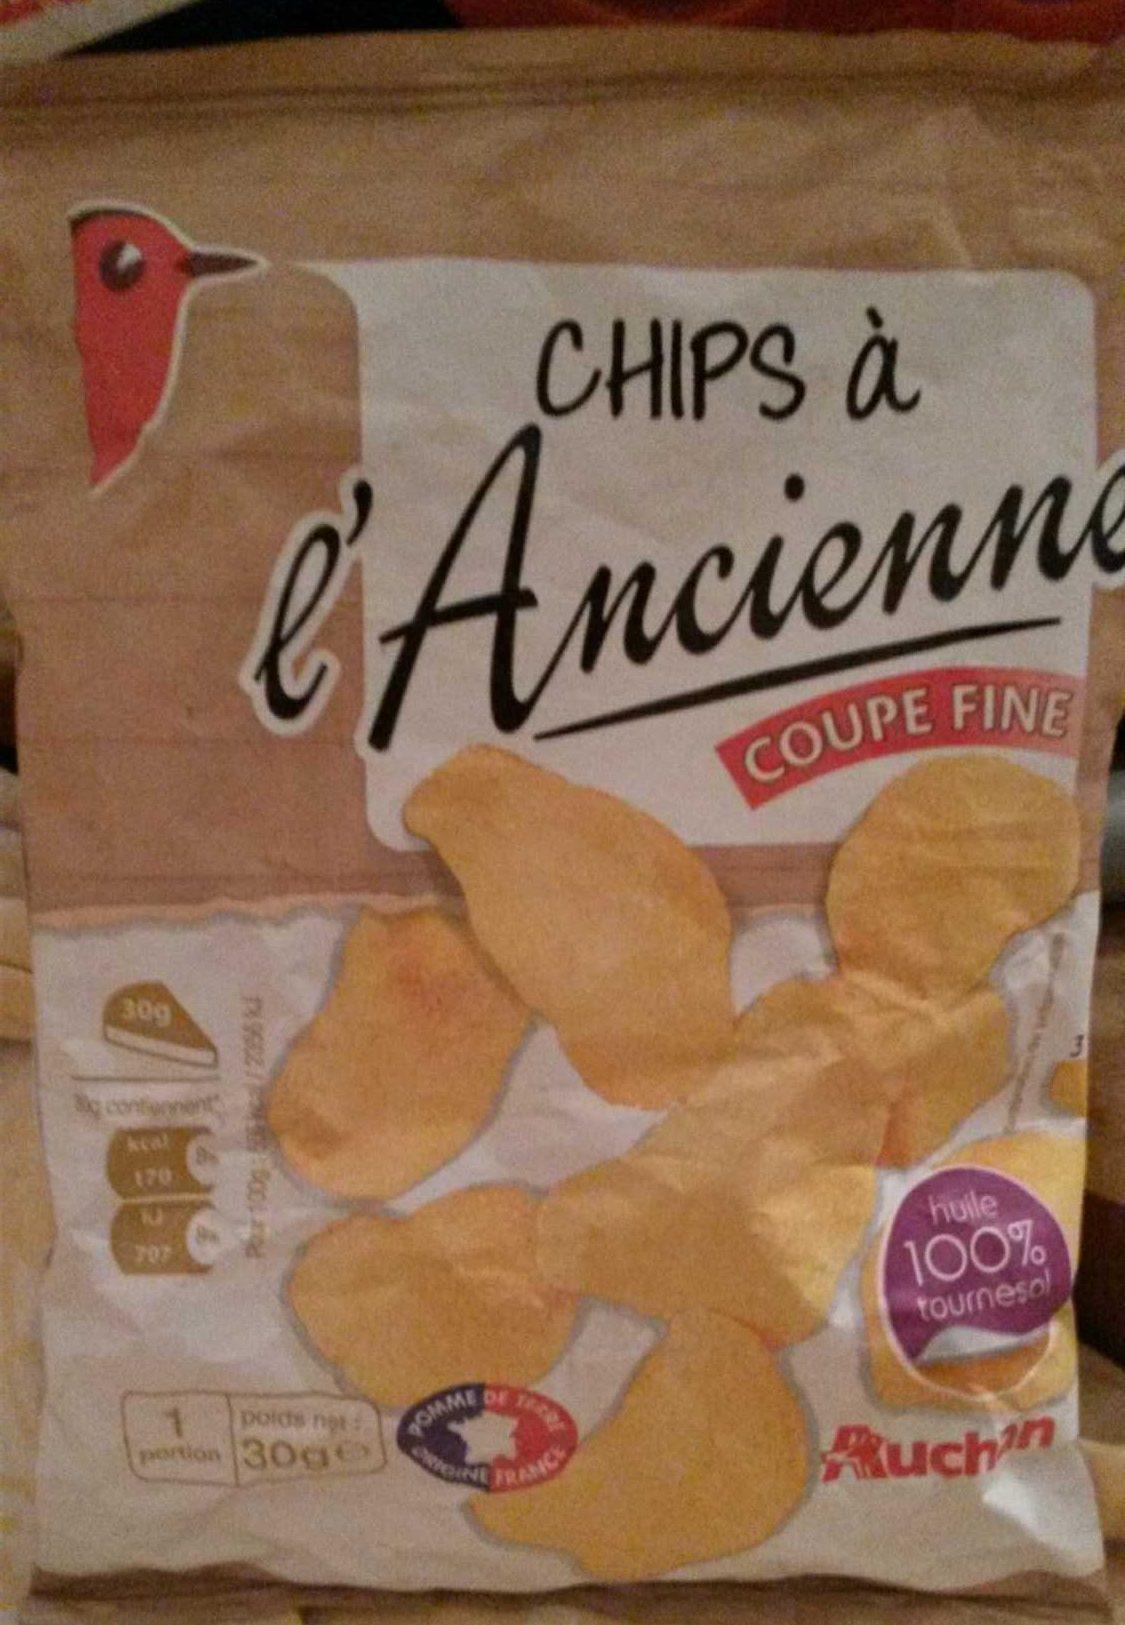 Chips à l'ancienne  coupe fine - Product - fr